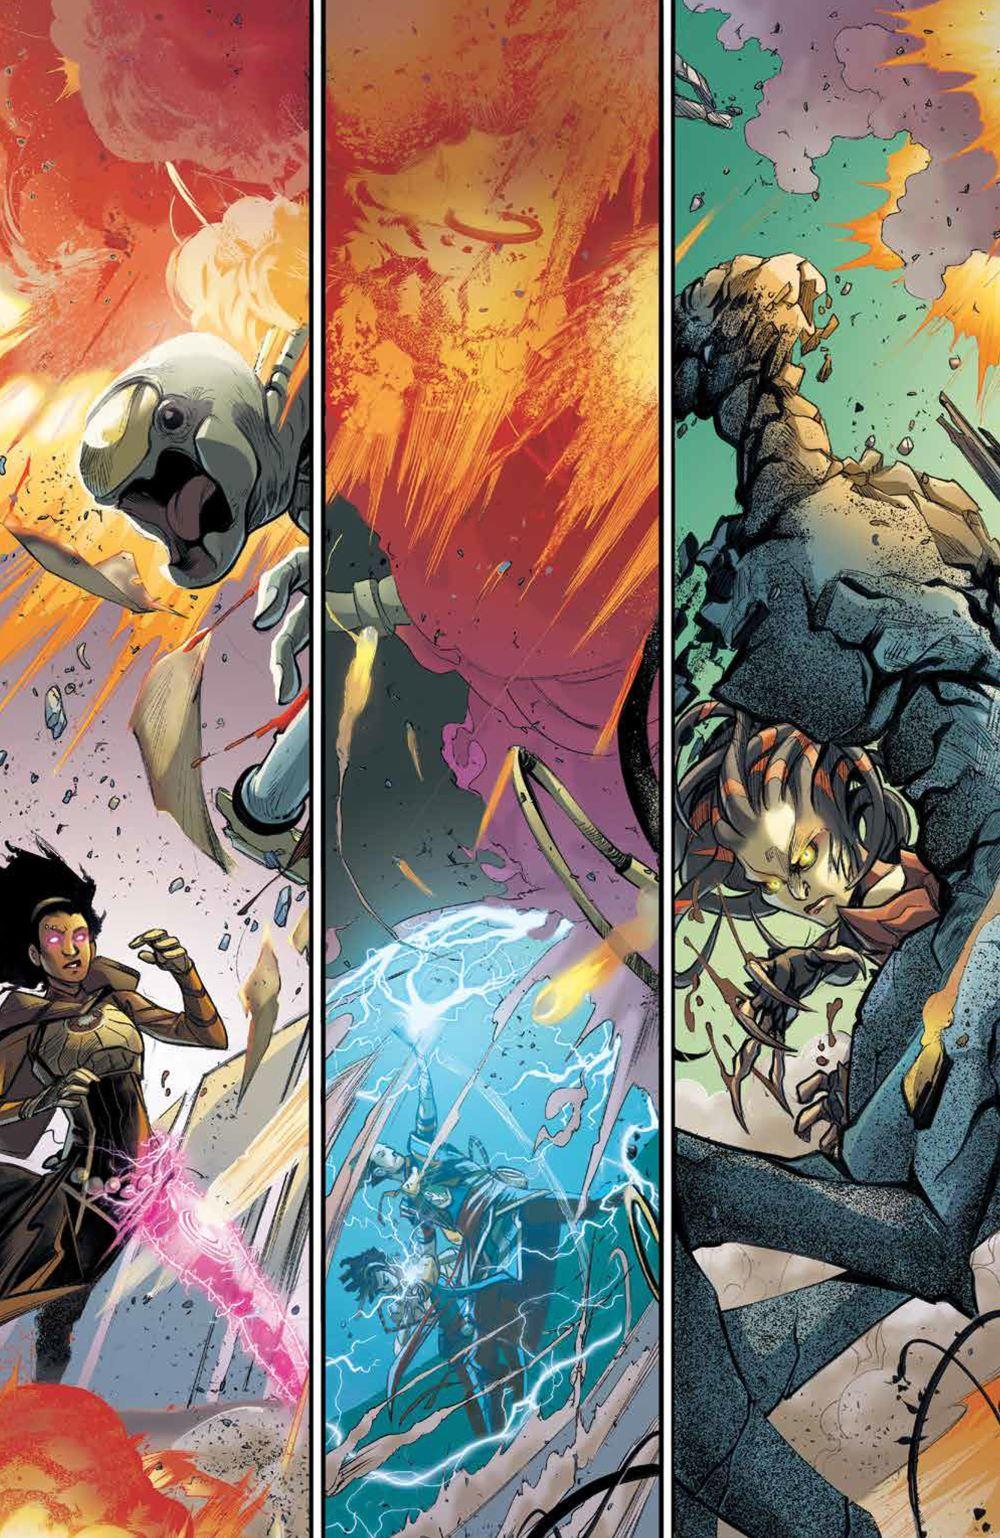 Magic_001_PRESS_9 ComicList Previews: MAGIC #1